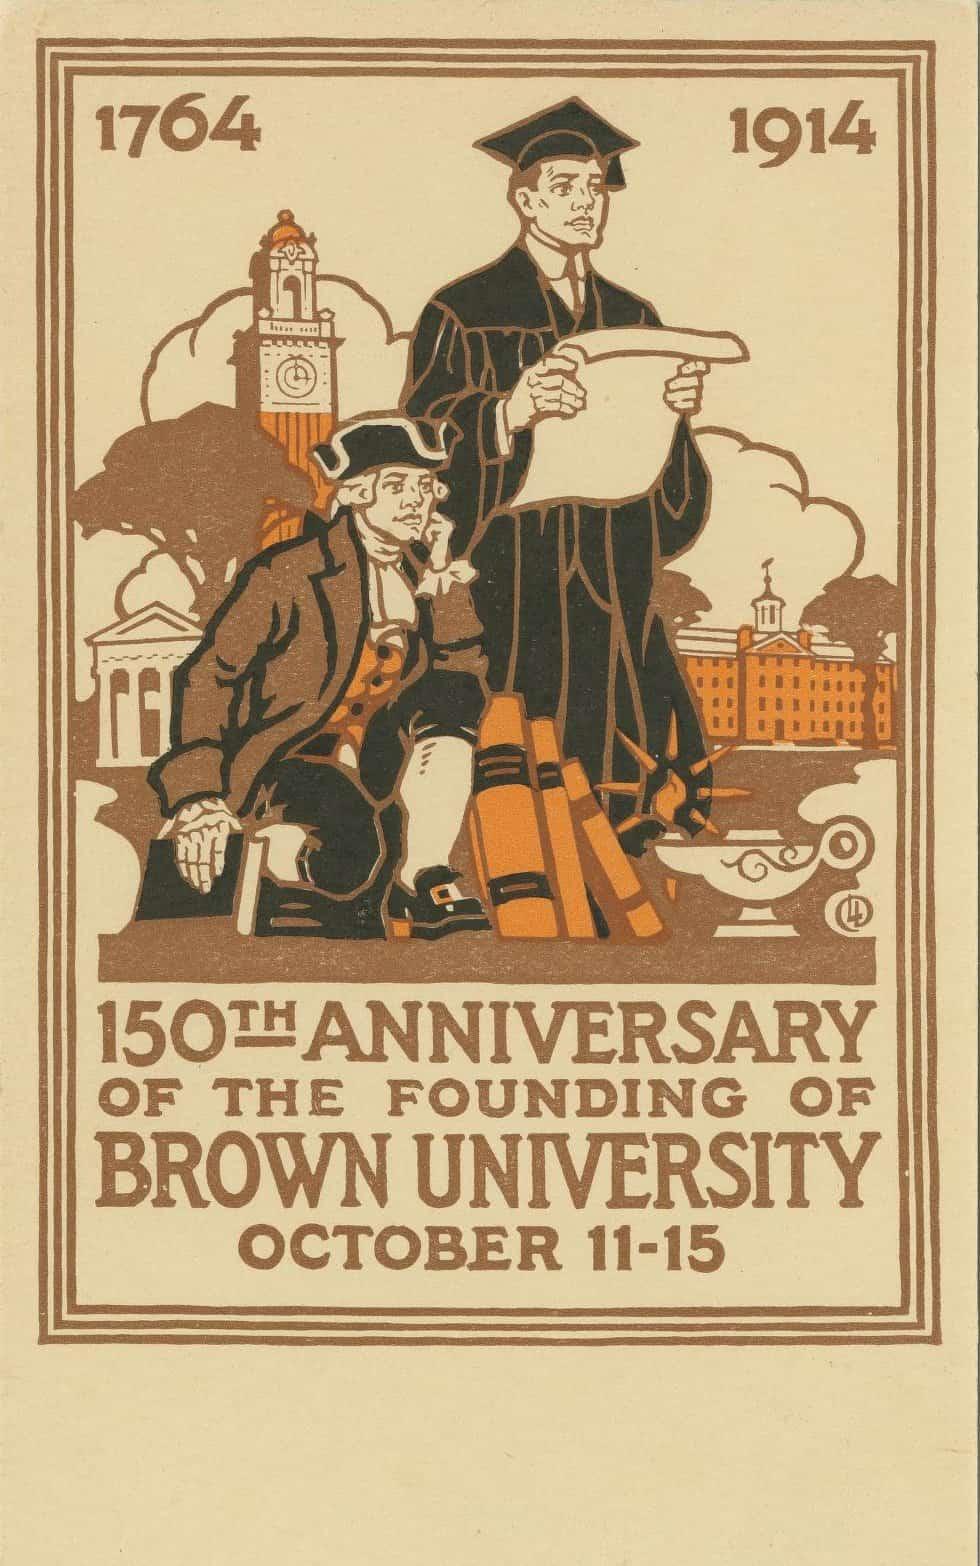 פוסטר מחגיגות 150 שנה להיווסדה של אוניברסיטת בראון שבפרובידנס, ארה״ב, 1914.